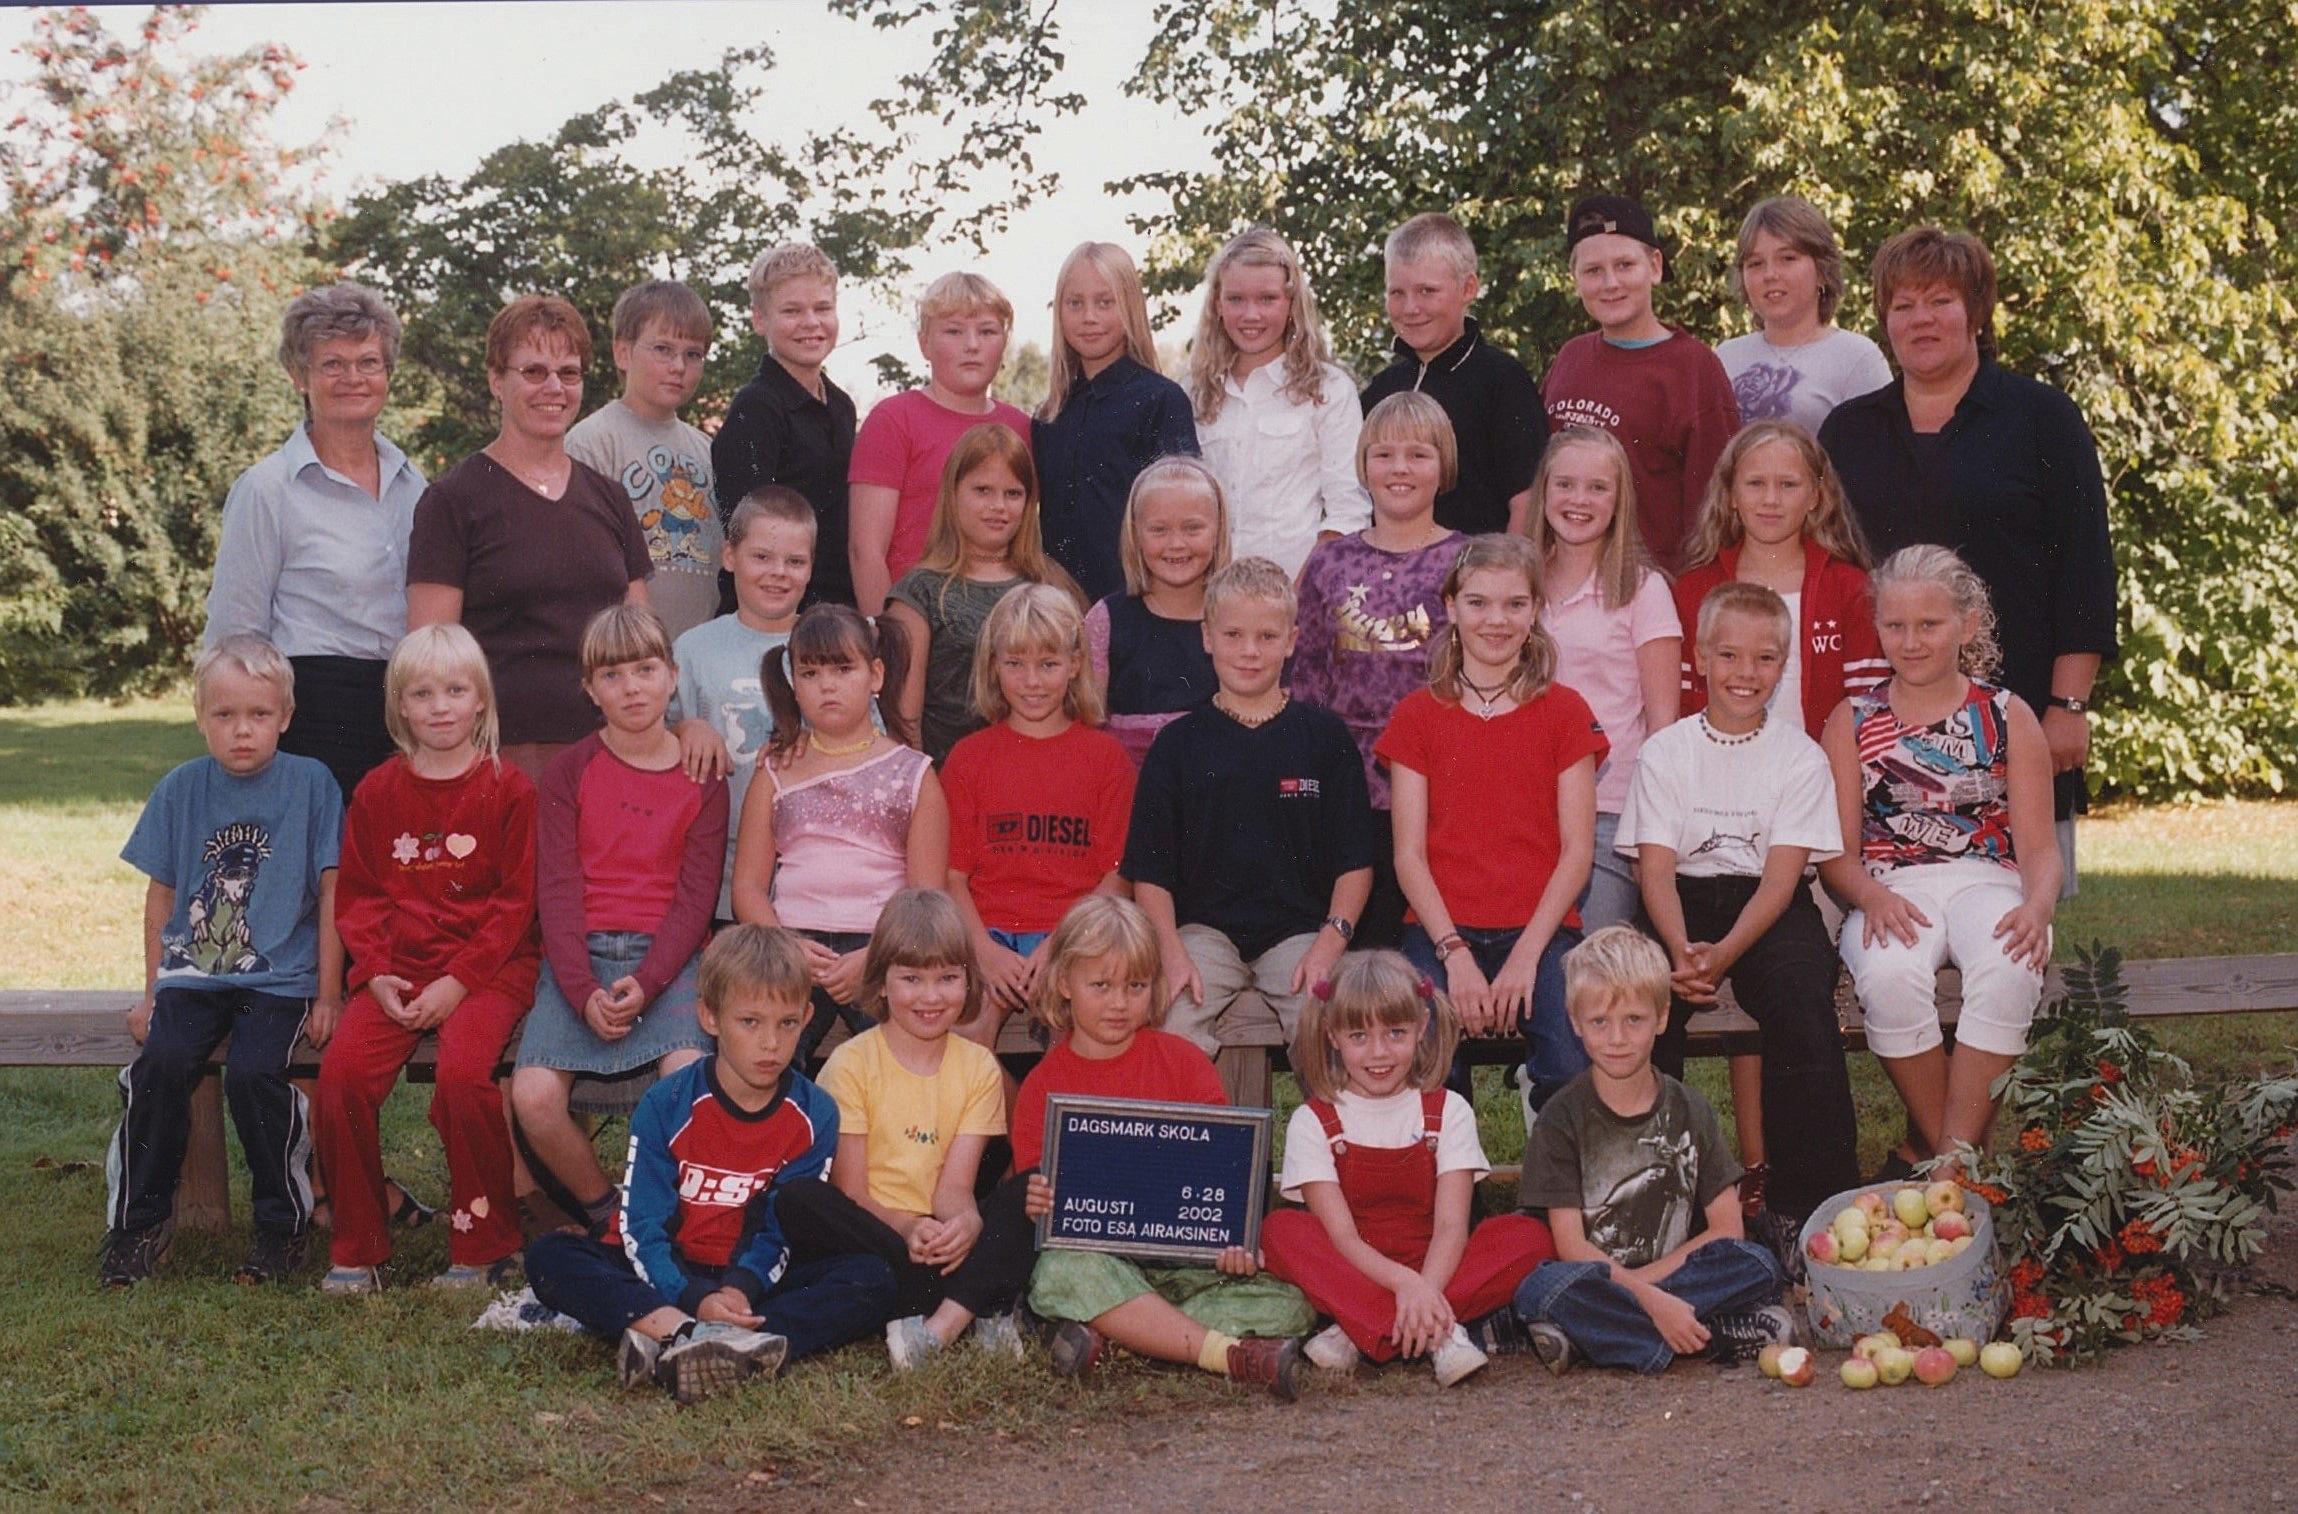 År 2002, Dagsmark skola.